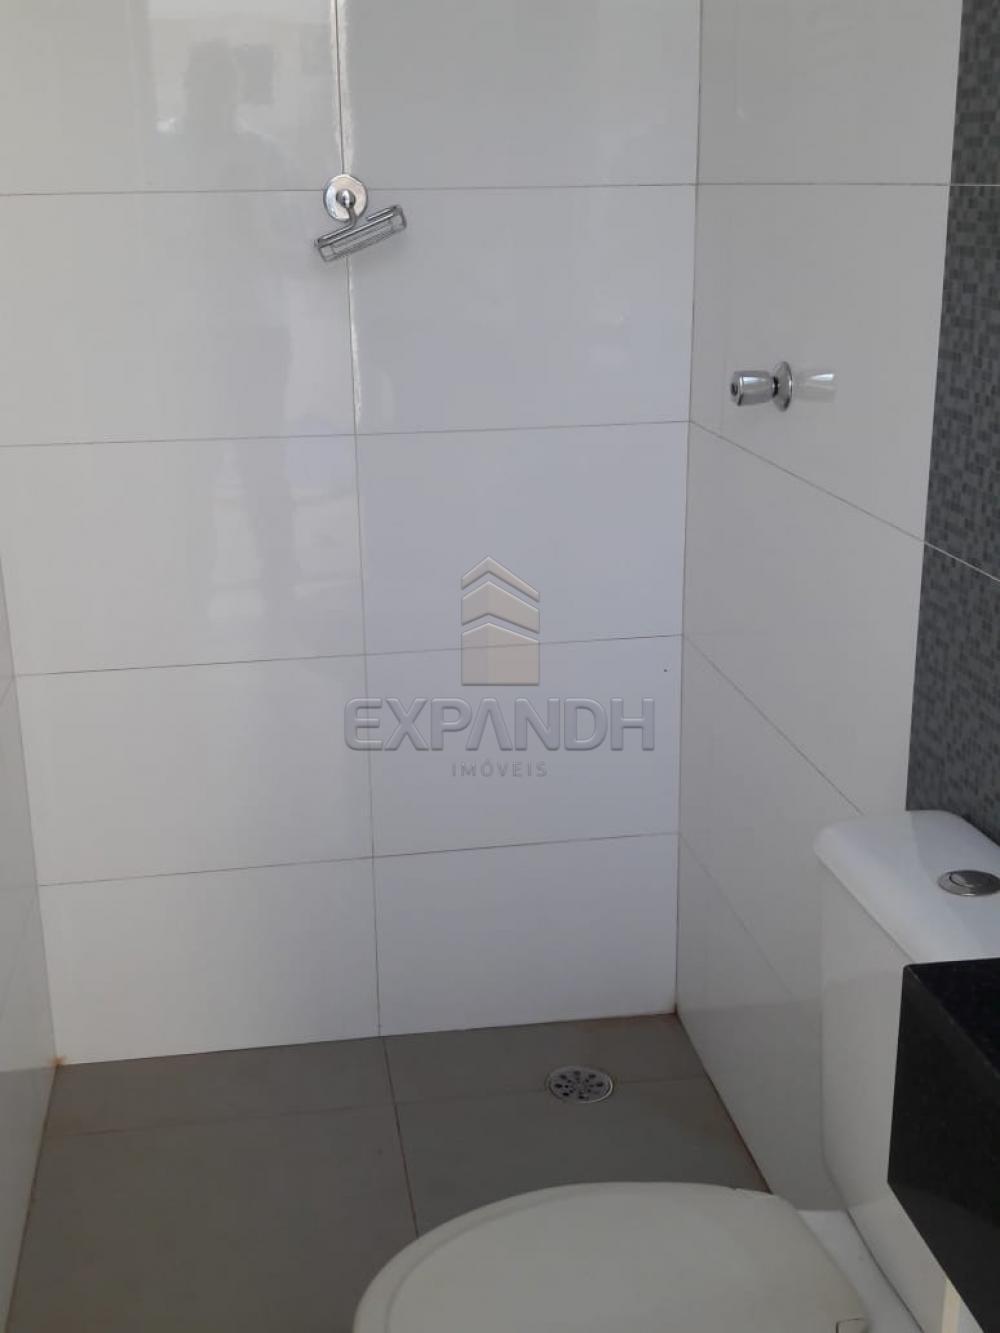 Comprar Casas / Condomínio em Sertãozinho apenas R$ 520.000,00 - Foto 27